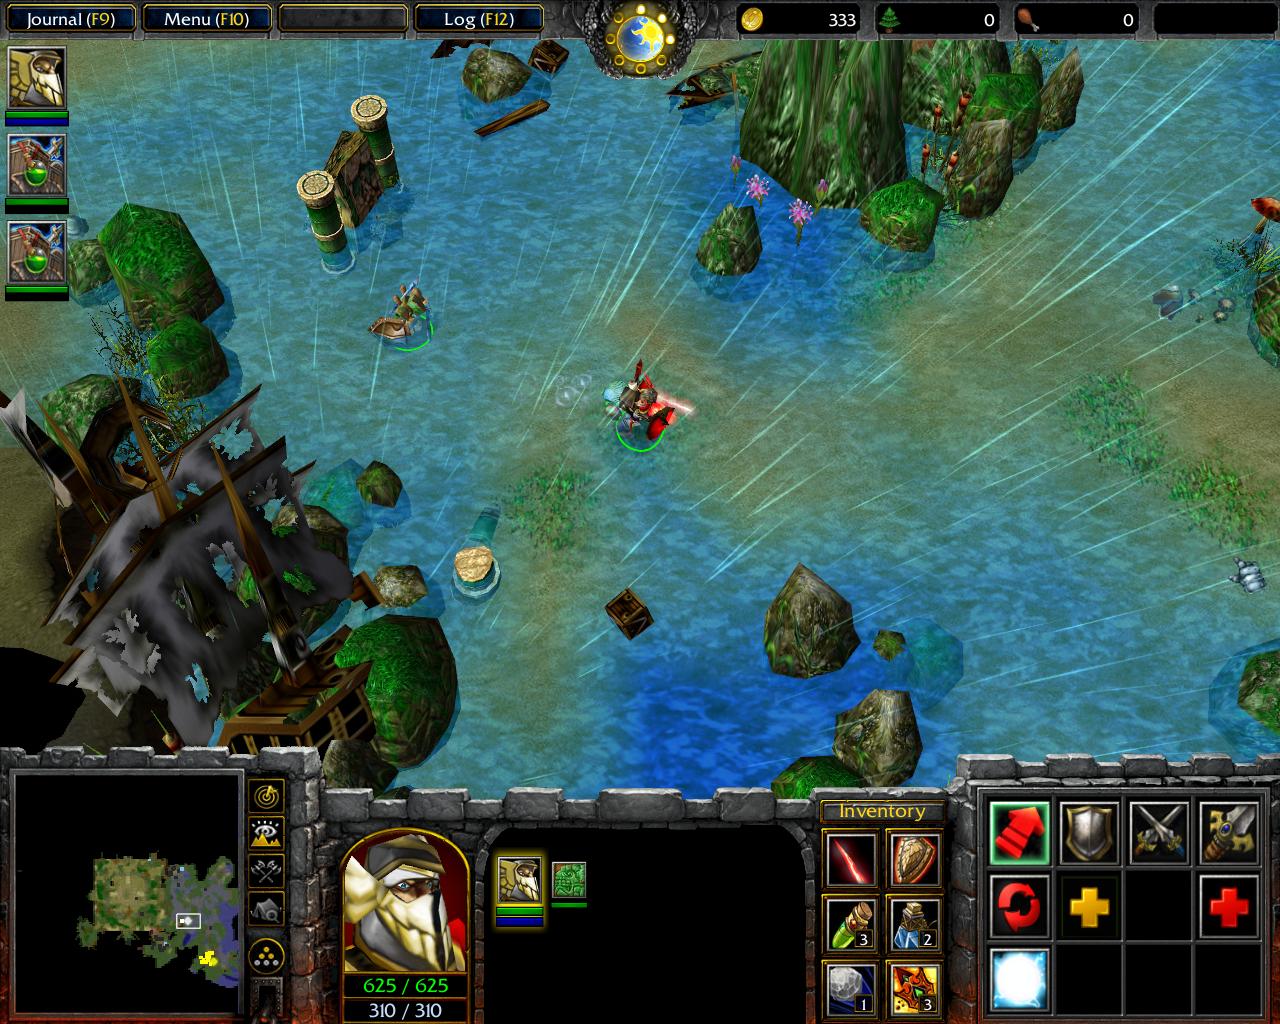 Warcraft 3 map editor no cd crack szechuannaples updated share well warcraft 3 map editor no cd crack gumiabroncs Choice Image